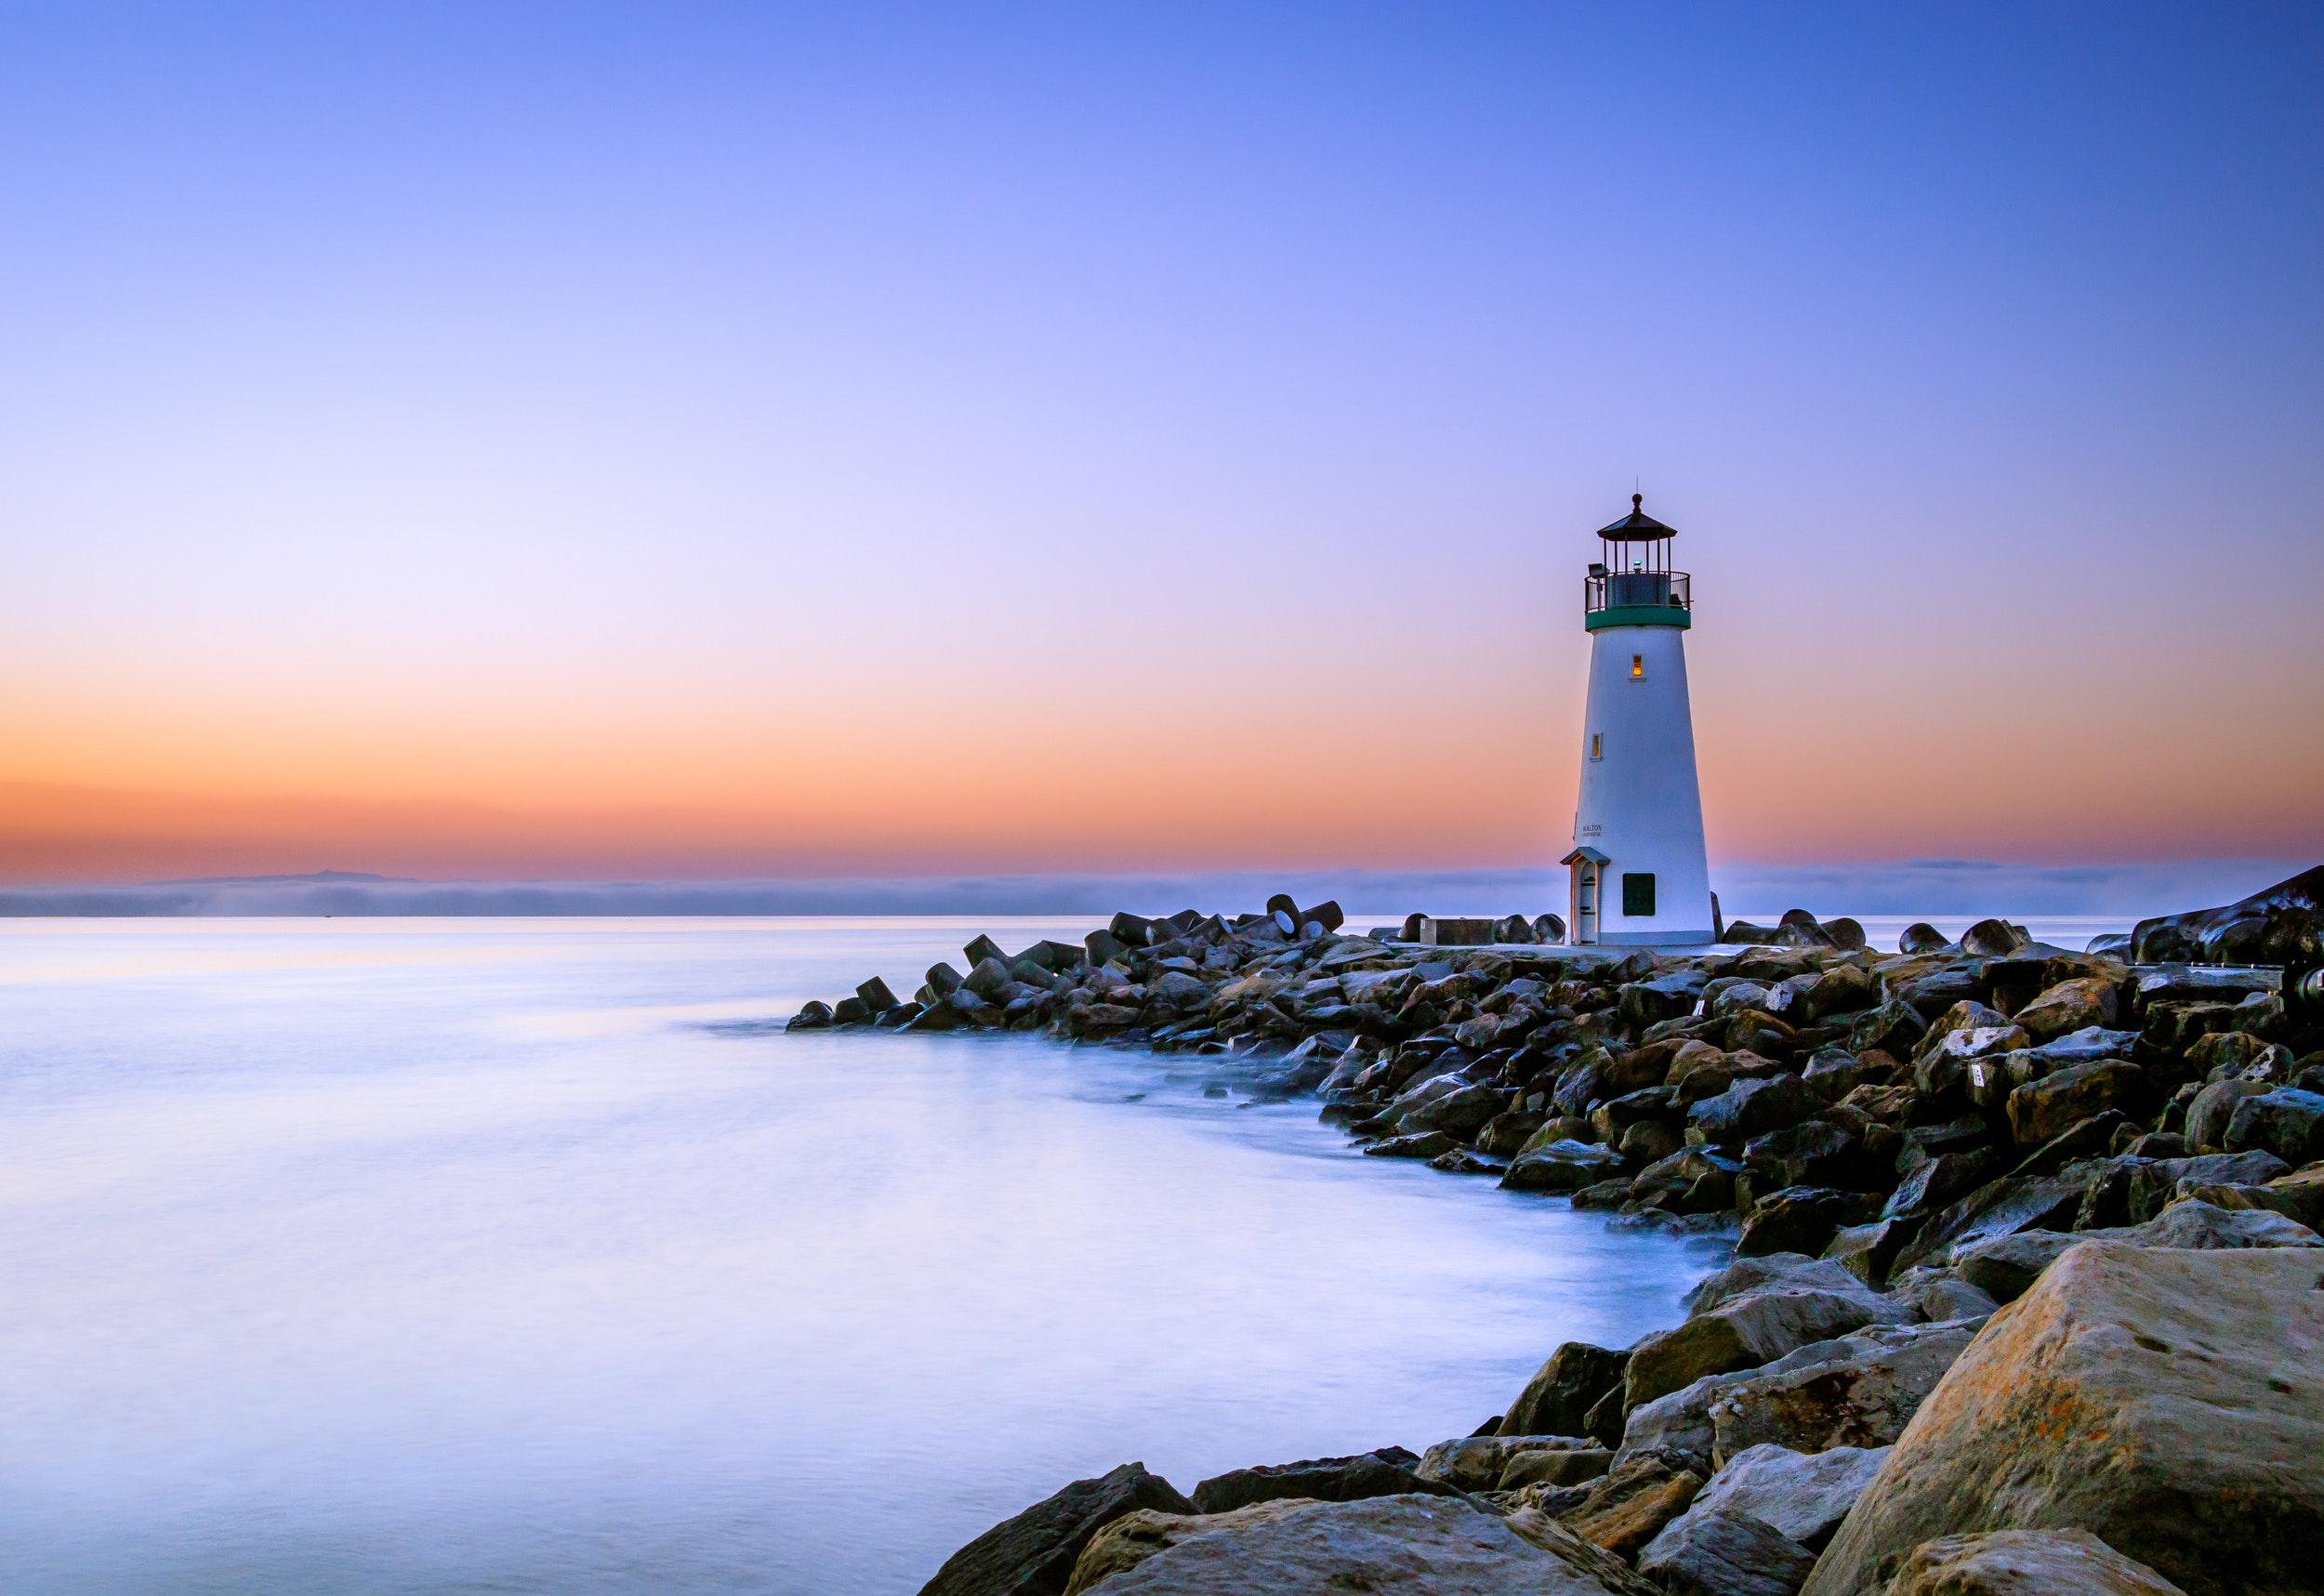 beach-dawn-desktop-backgrounds-1532771.jpg